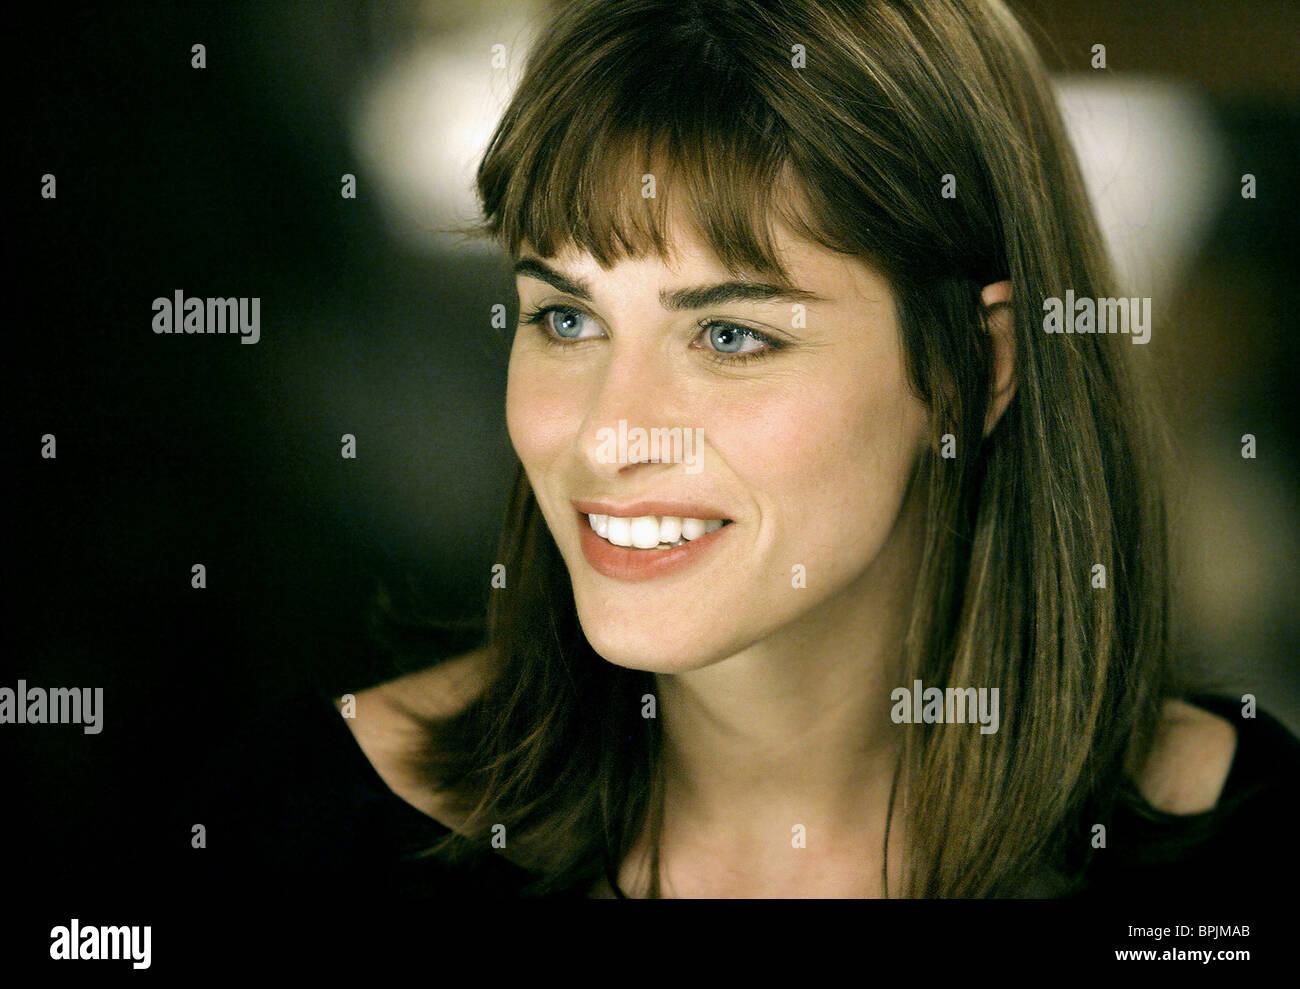 AMANDA PEET SOMETHING'S GOTTA GIVE (2003) - Stock Image